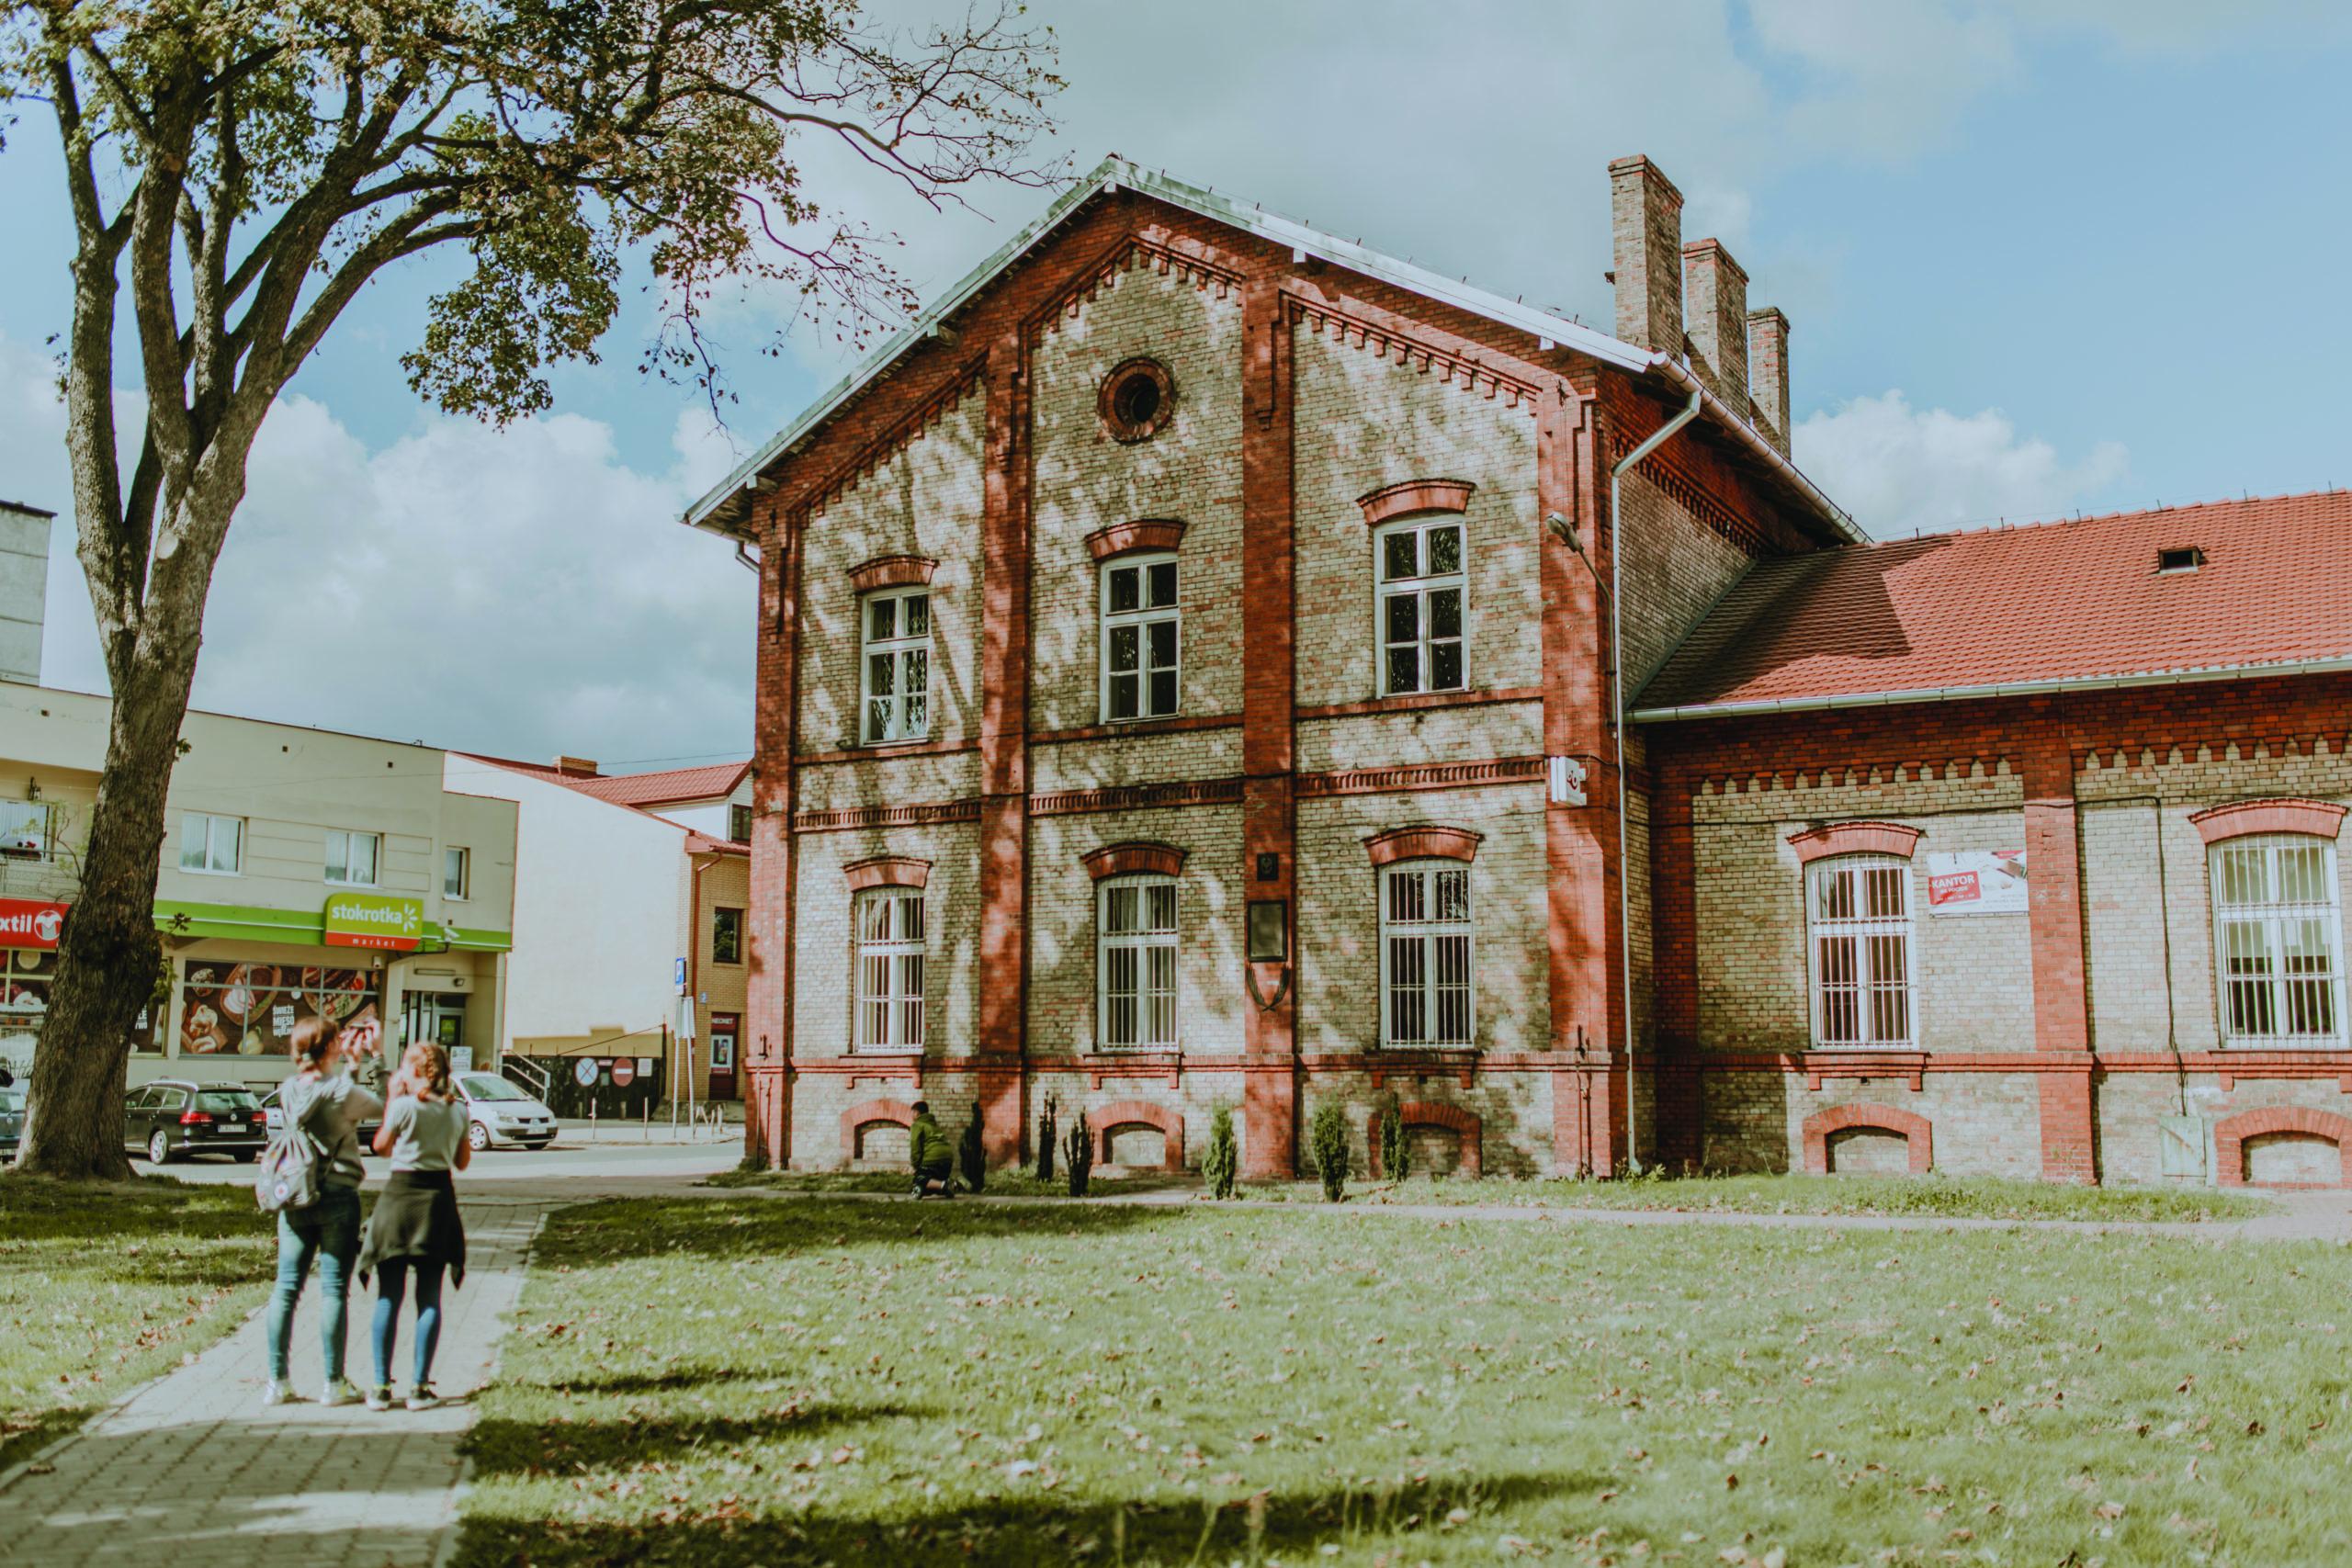 fot. Julia Słodkiewicz